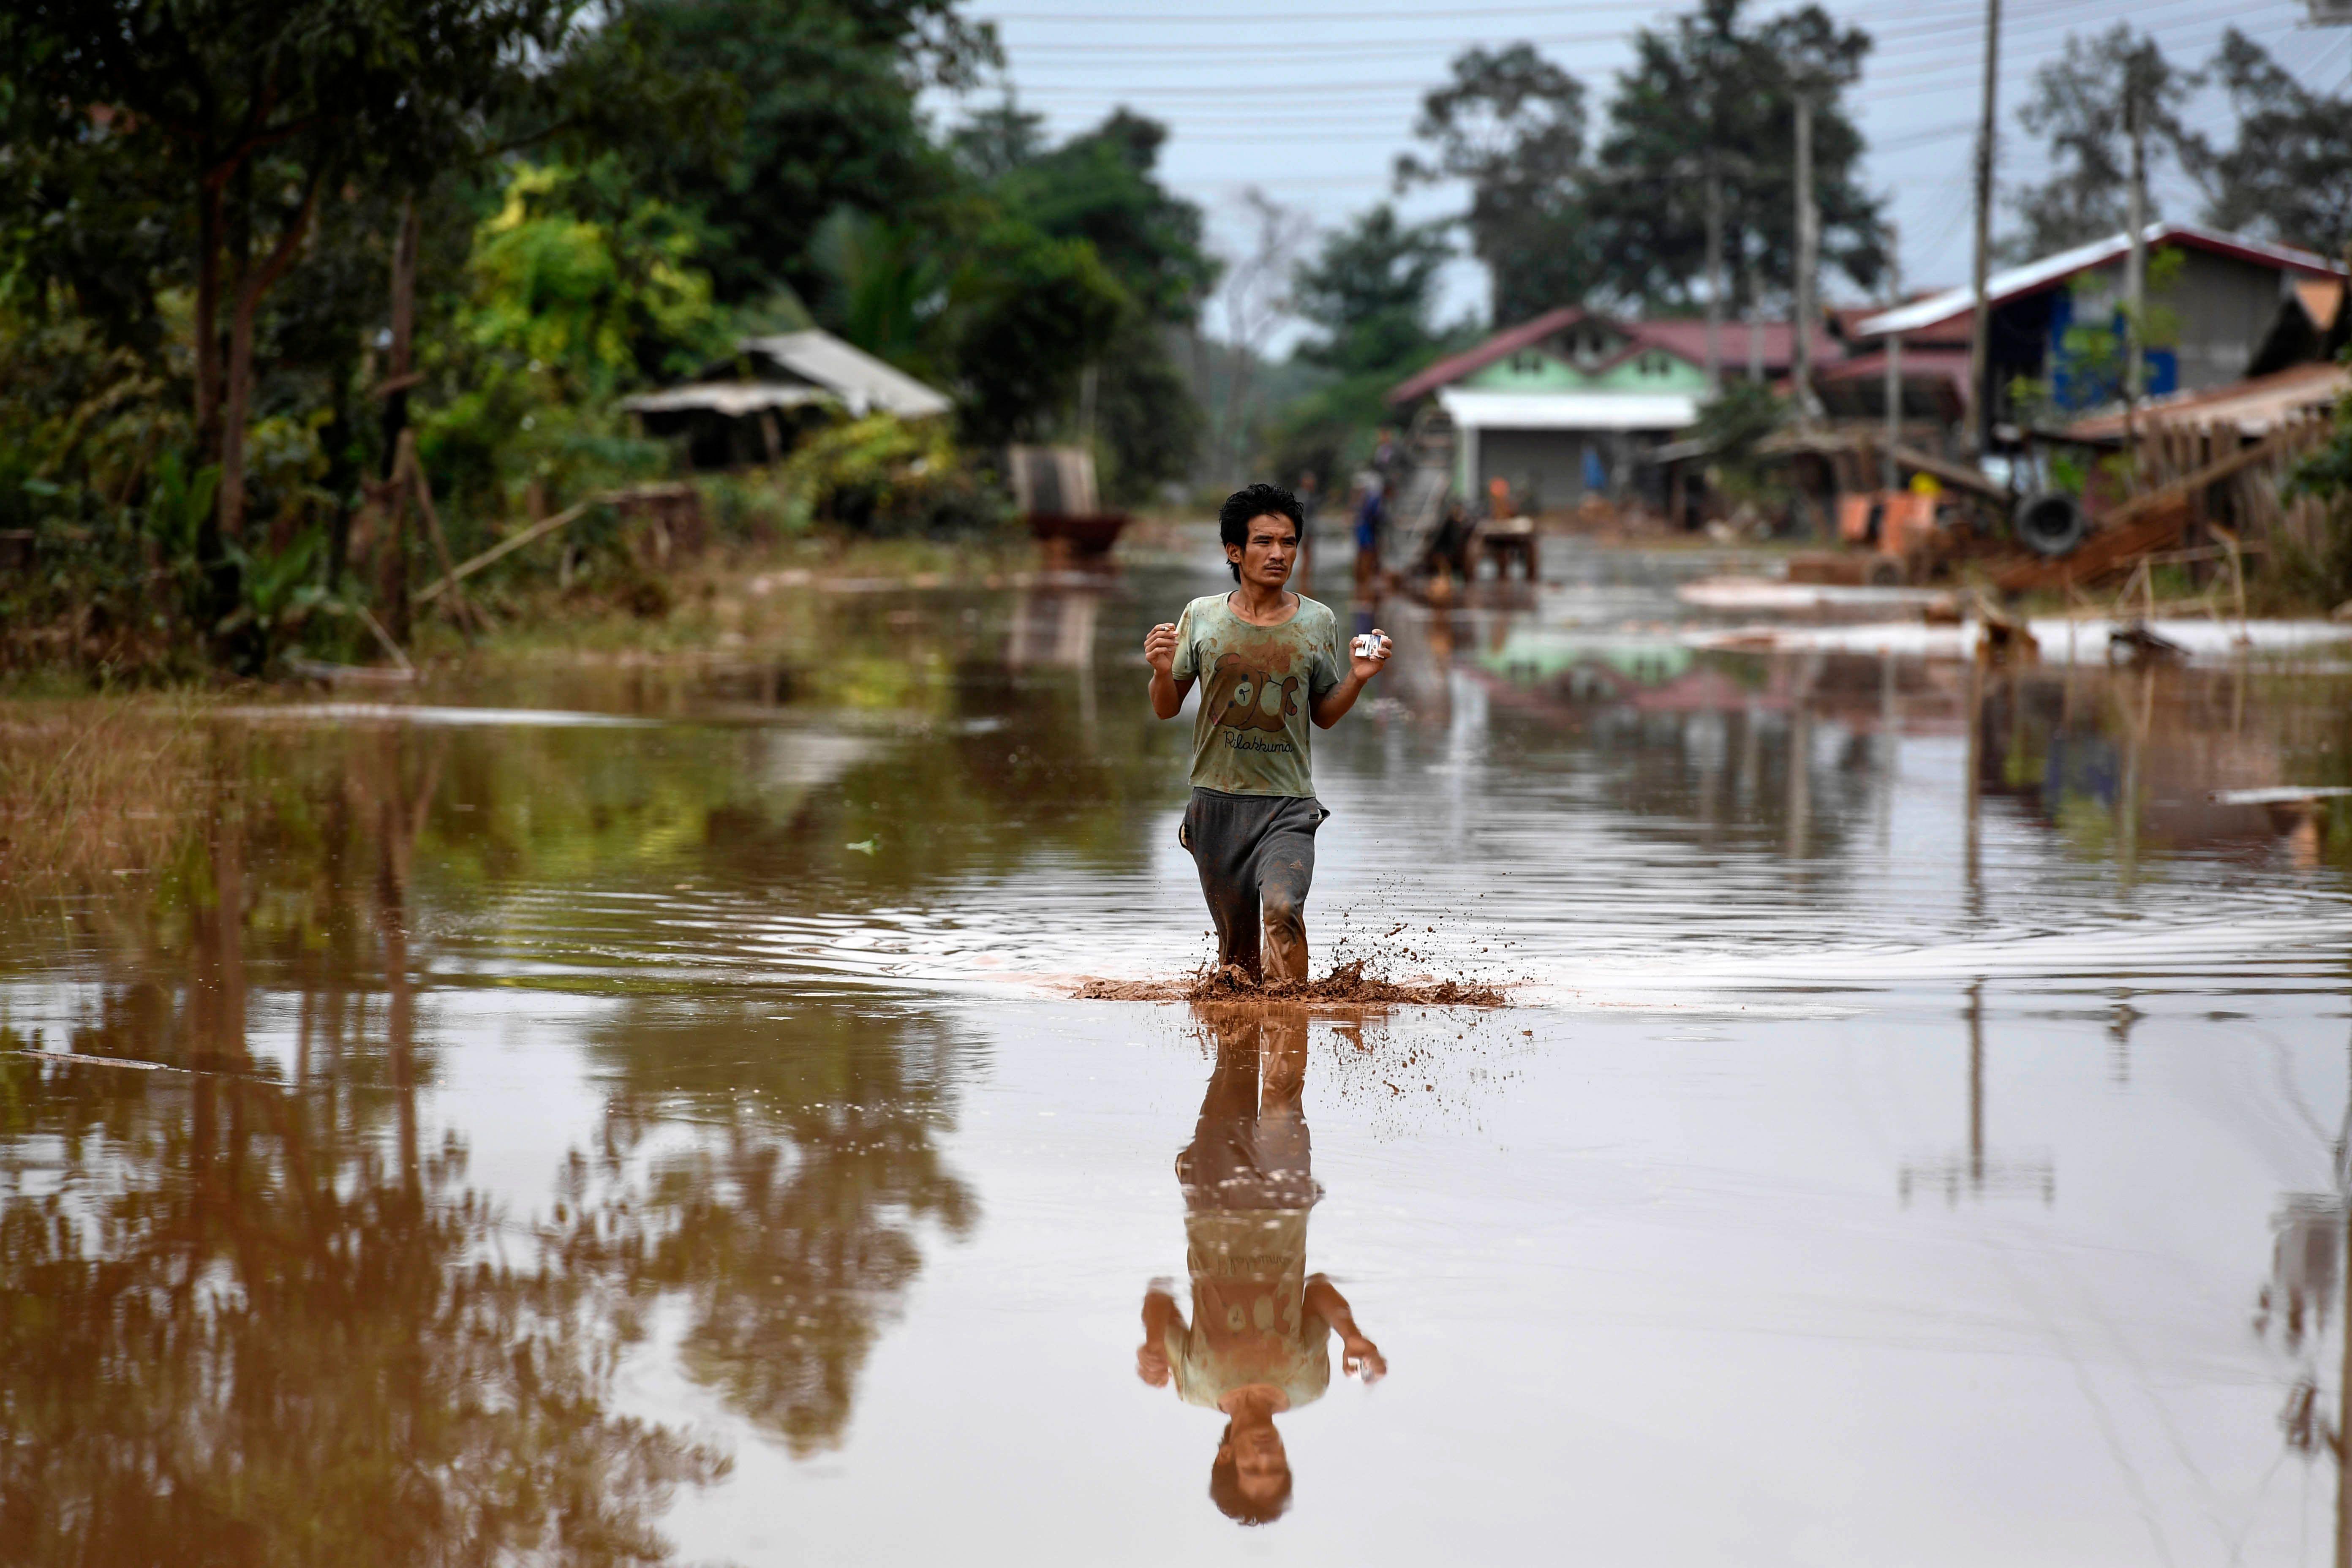 المواطنون وسط الفيضانات